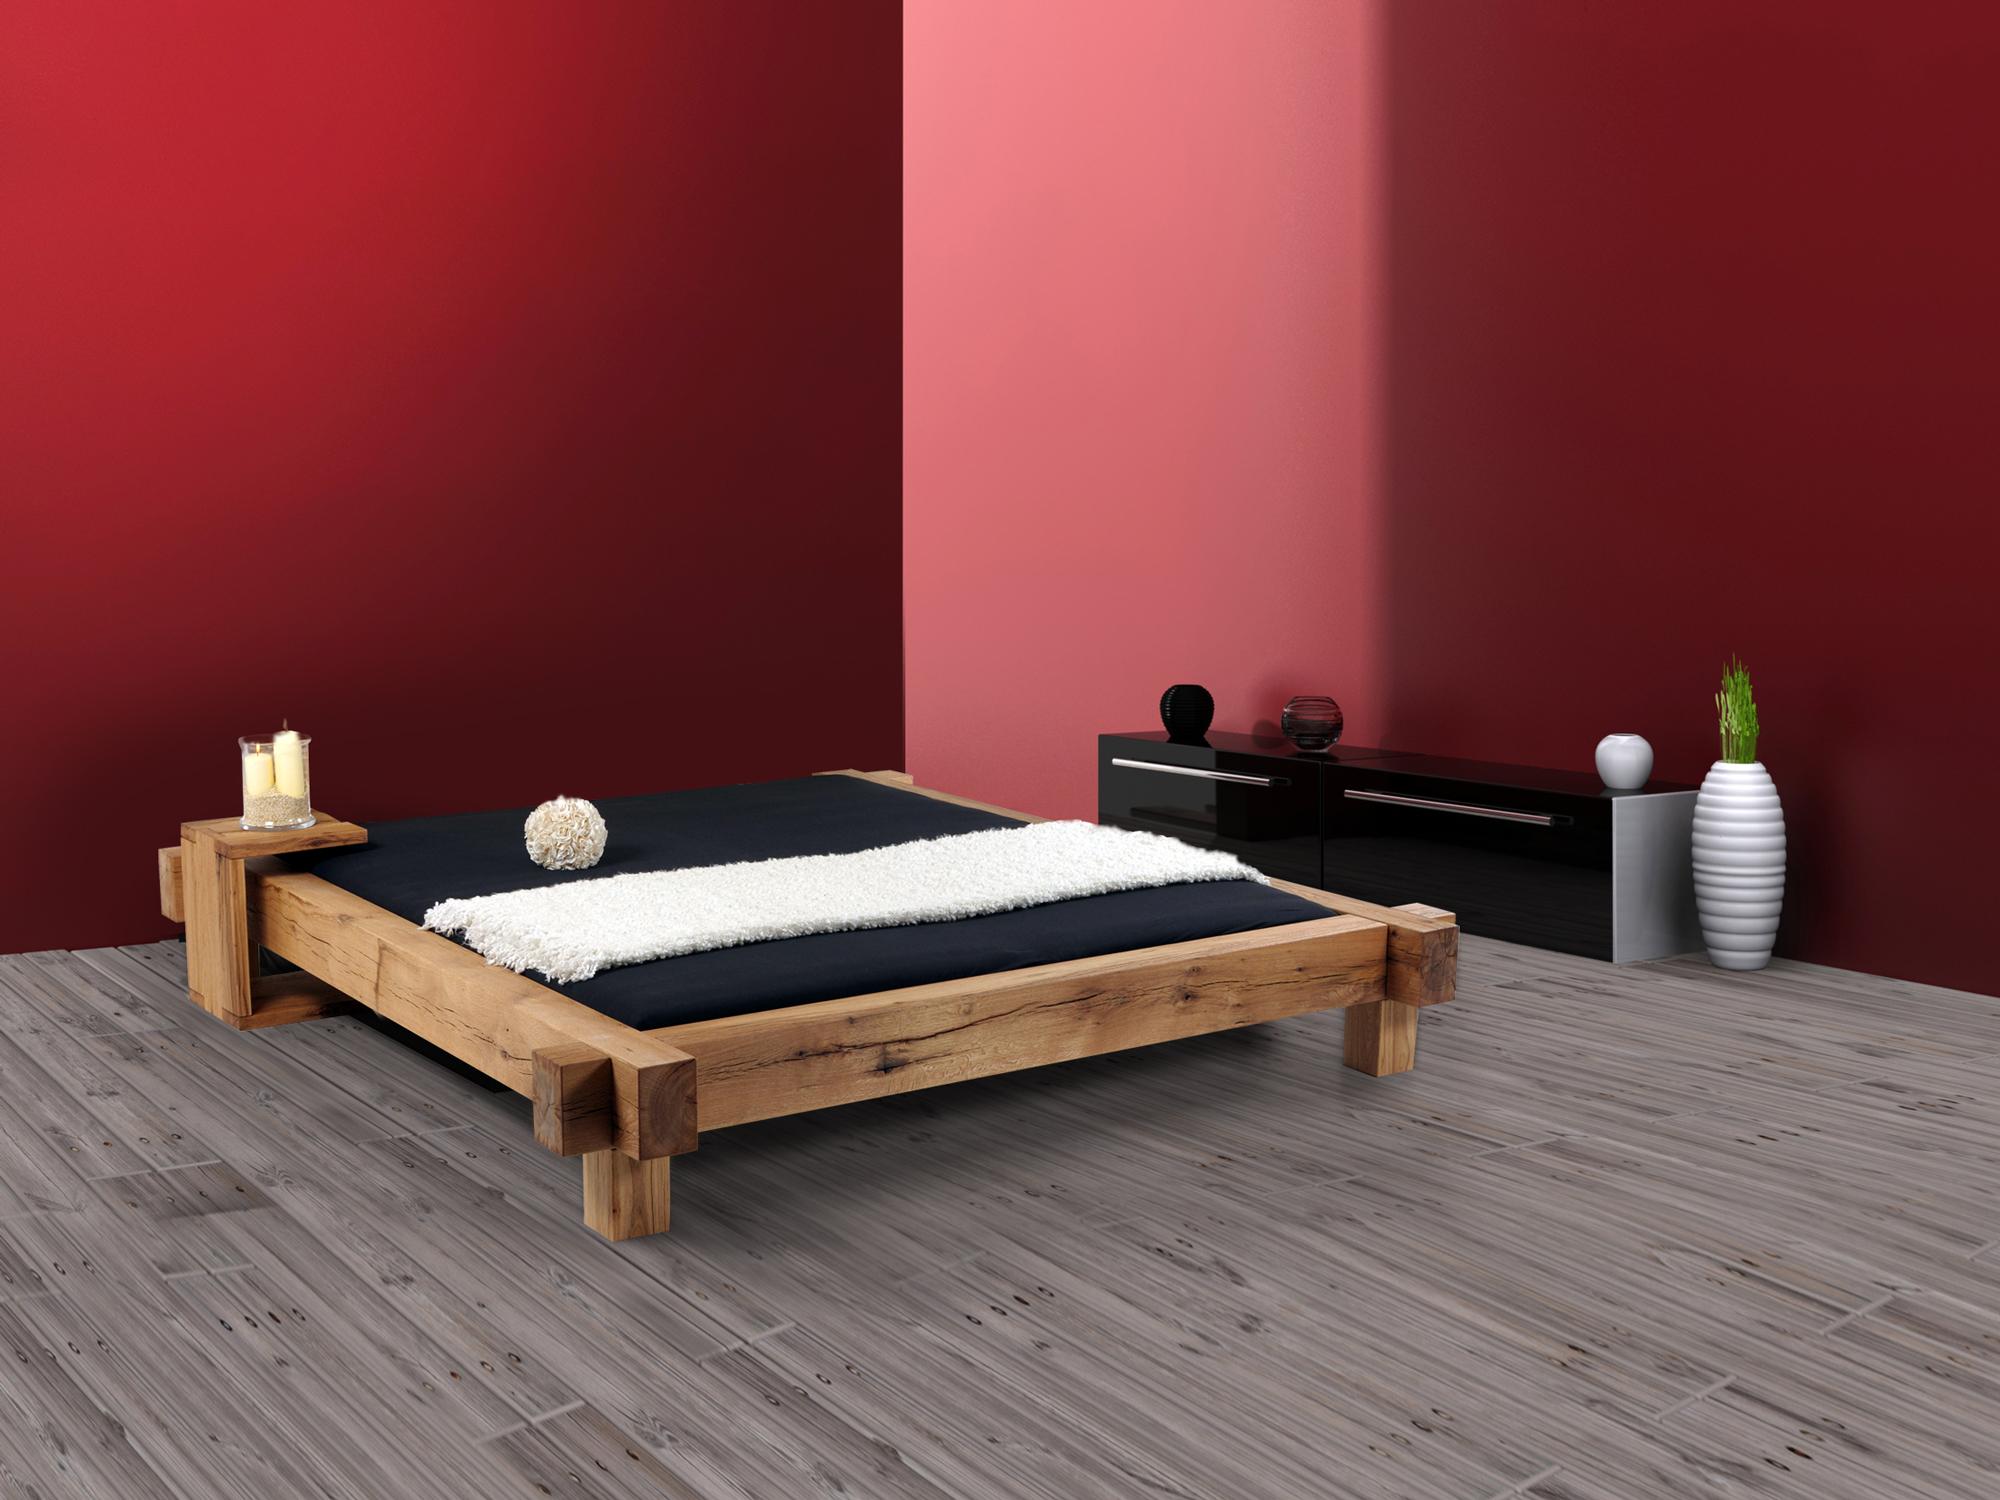 maito doppelbett massivholzbett sumpfeiche ge lt 180 x 200 cm unbehandelt ohne kopfteil. Black Bedroom Furniture Sets. Home Design Ideas